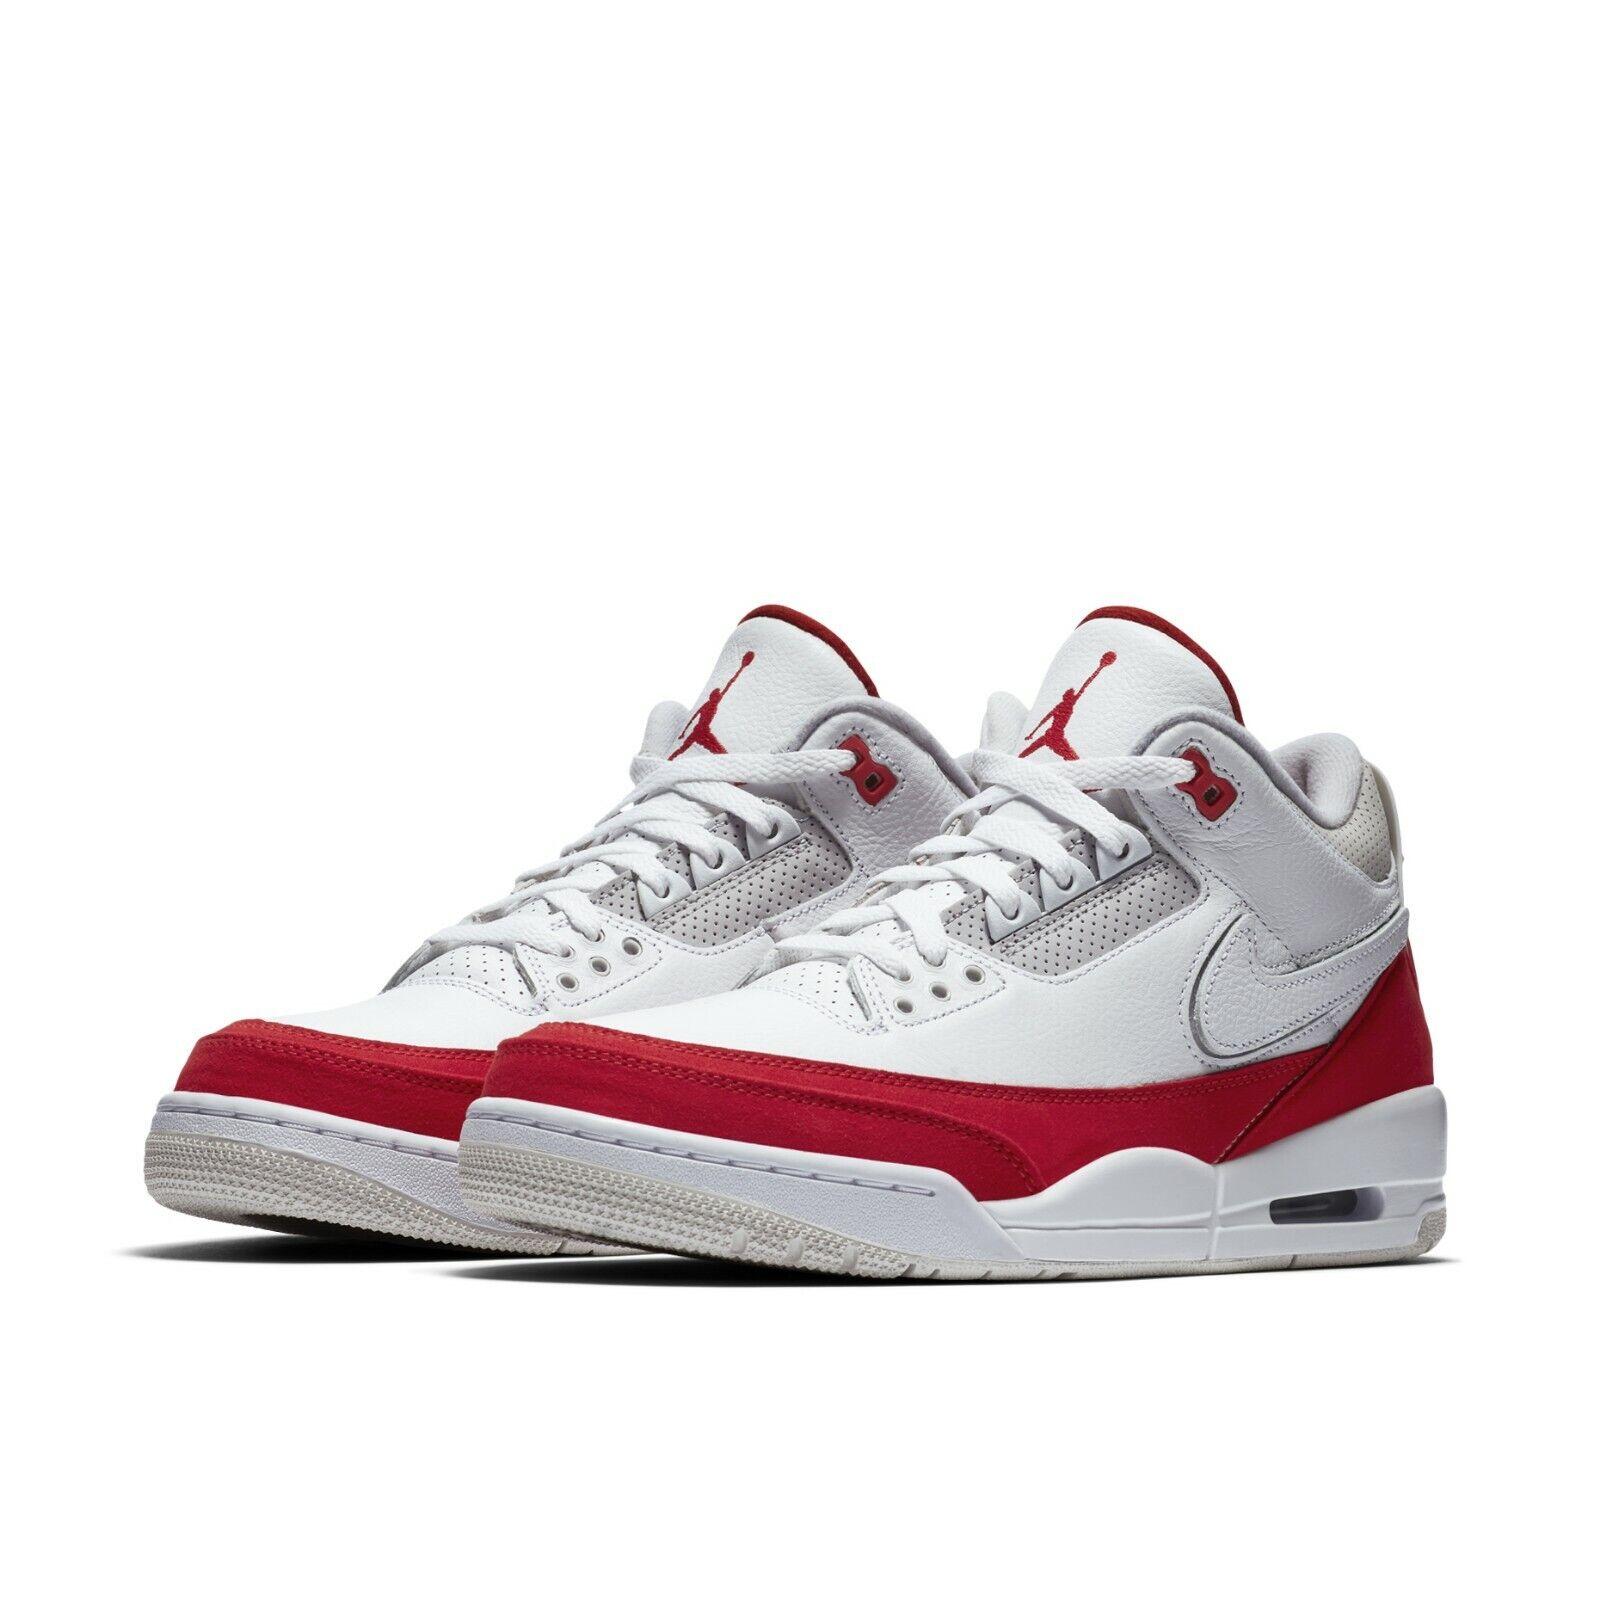 regarder 7488b 0405a Details about Nike Air Jordan 3 Retro TH SP Tinker Hatfield Air Max 1 AJ3  White Red CJ0939-100